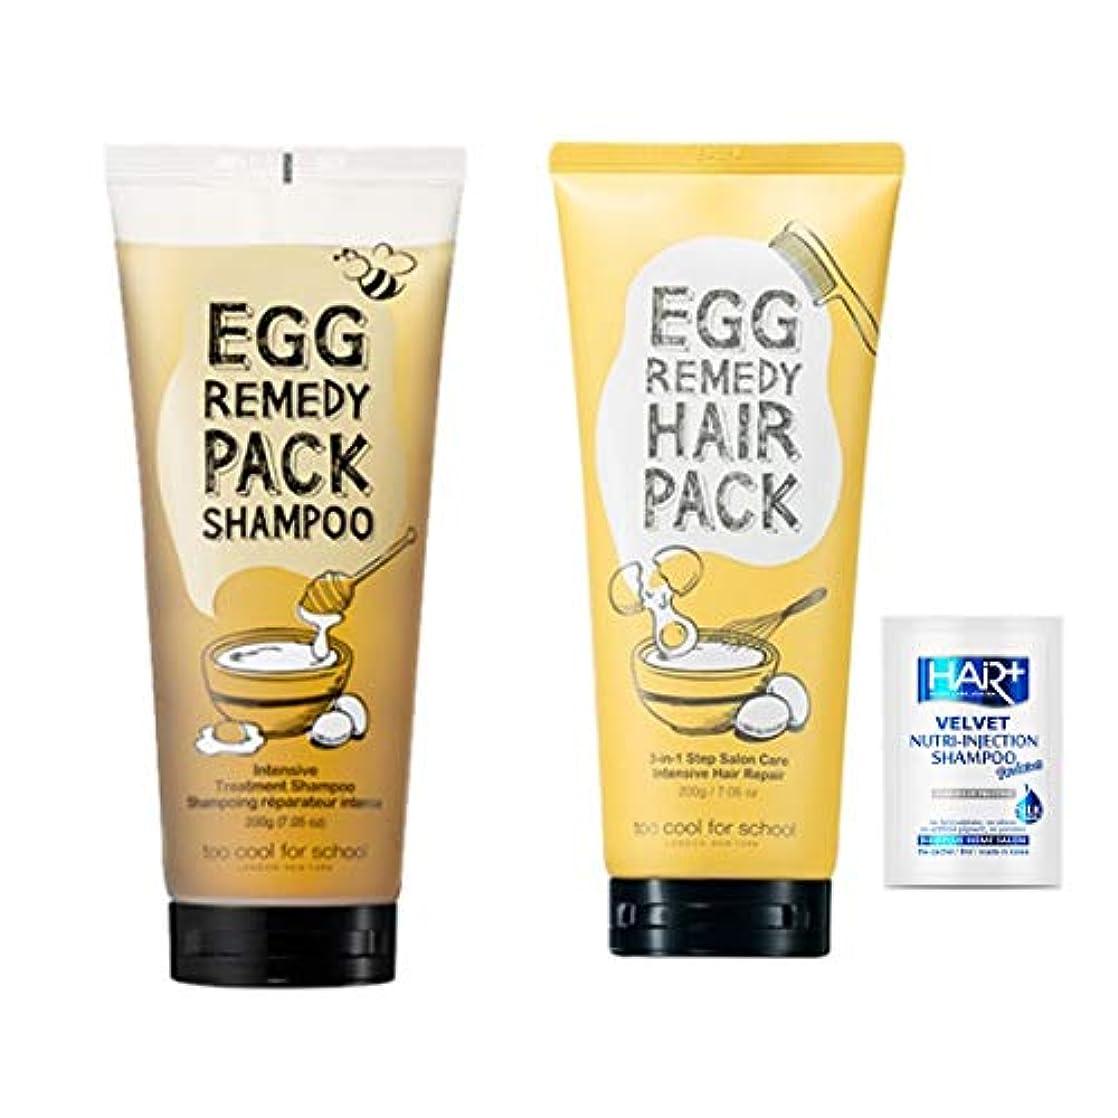 ポンプほぼ寛容なトゥークールフォ―スクール(too cool for school)/エッグレミディパックシャンプーtoo cool for school Egg Remedy Pack Shampoo 200ml + エッグレミディヘアパック...